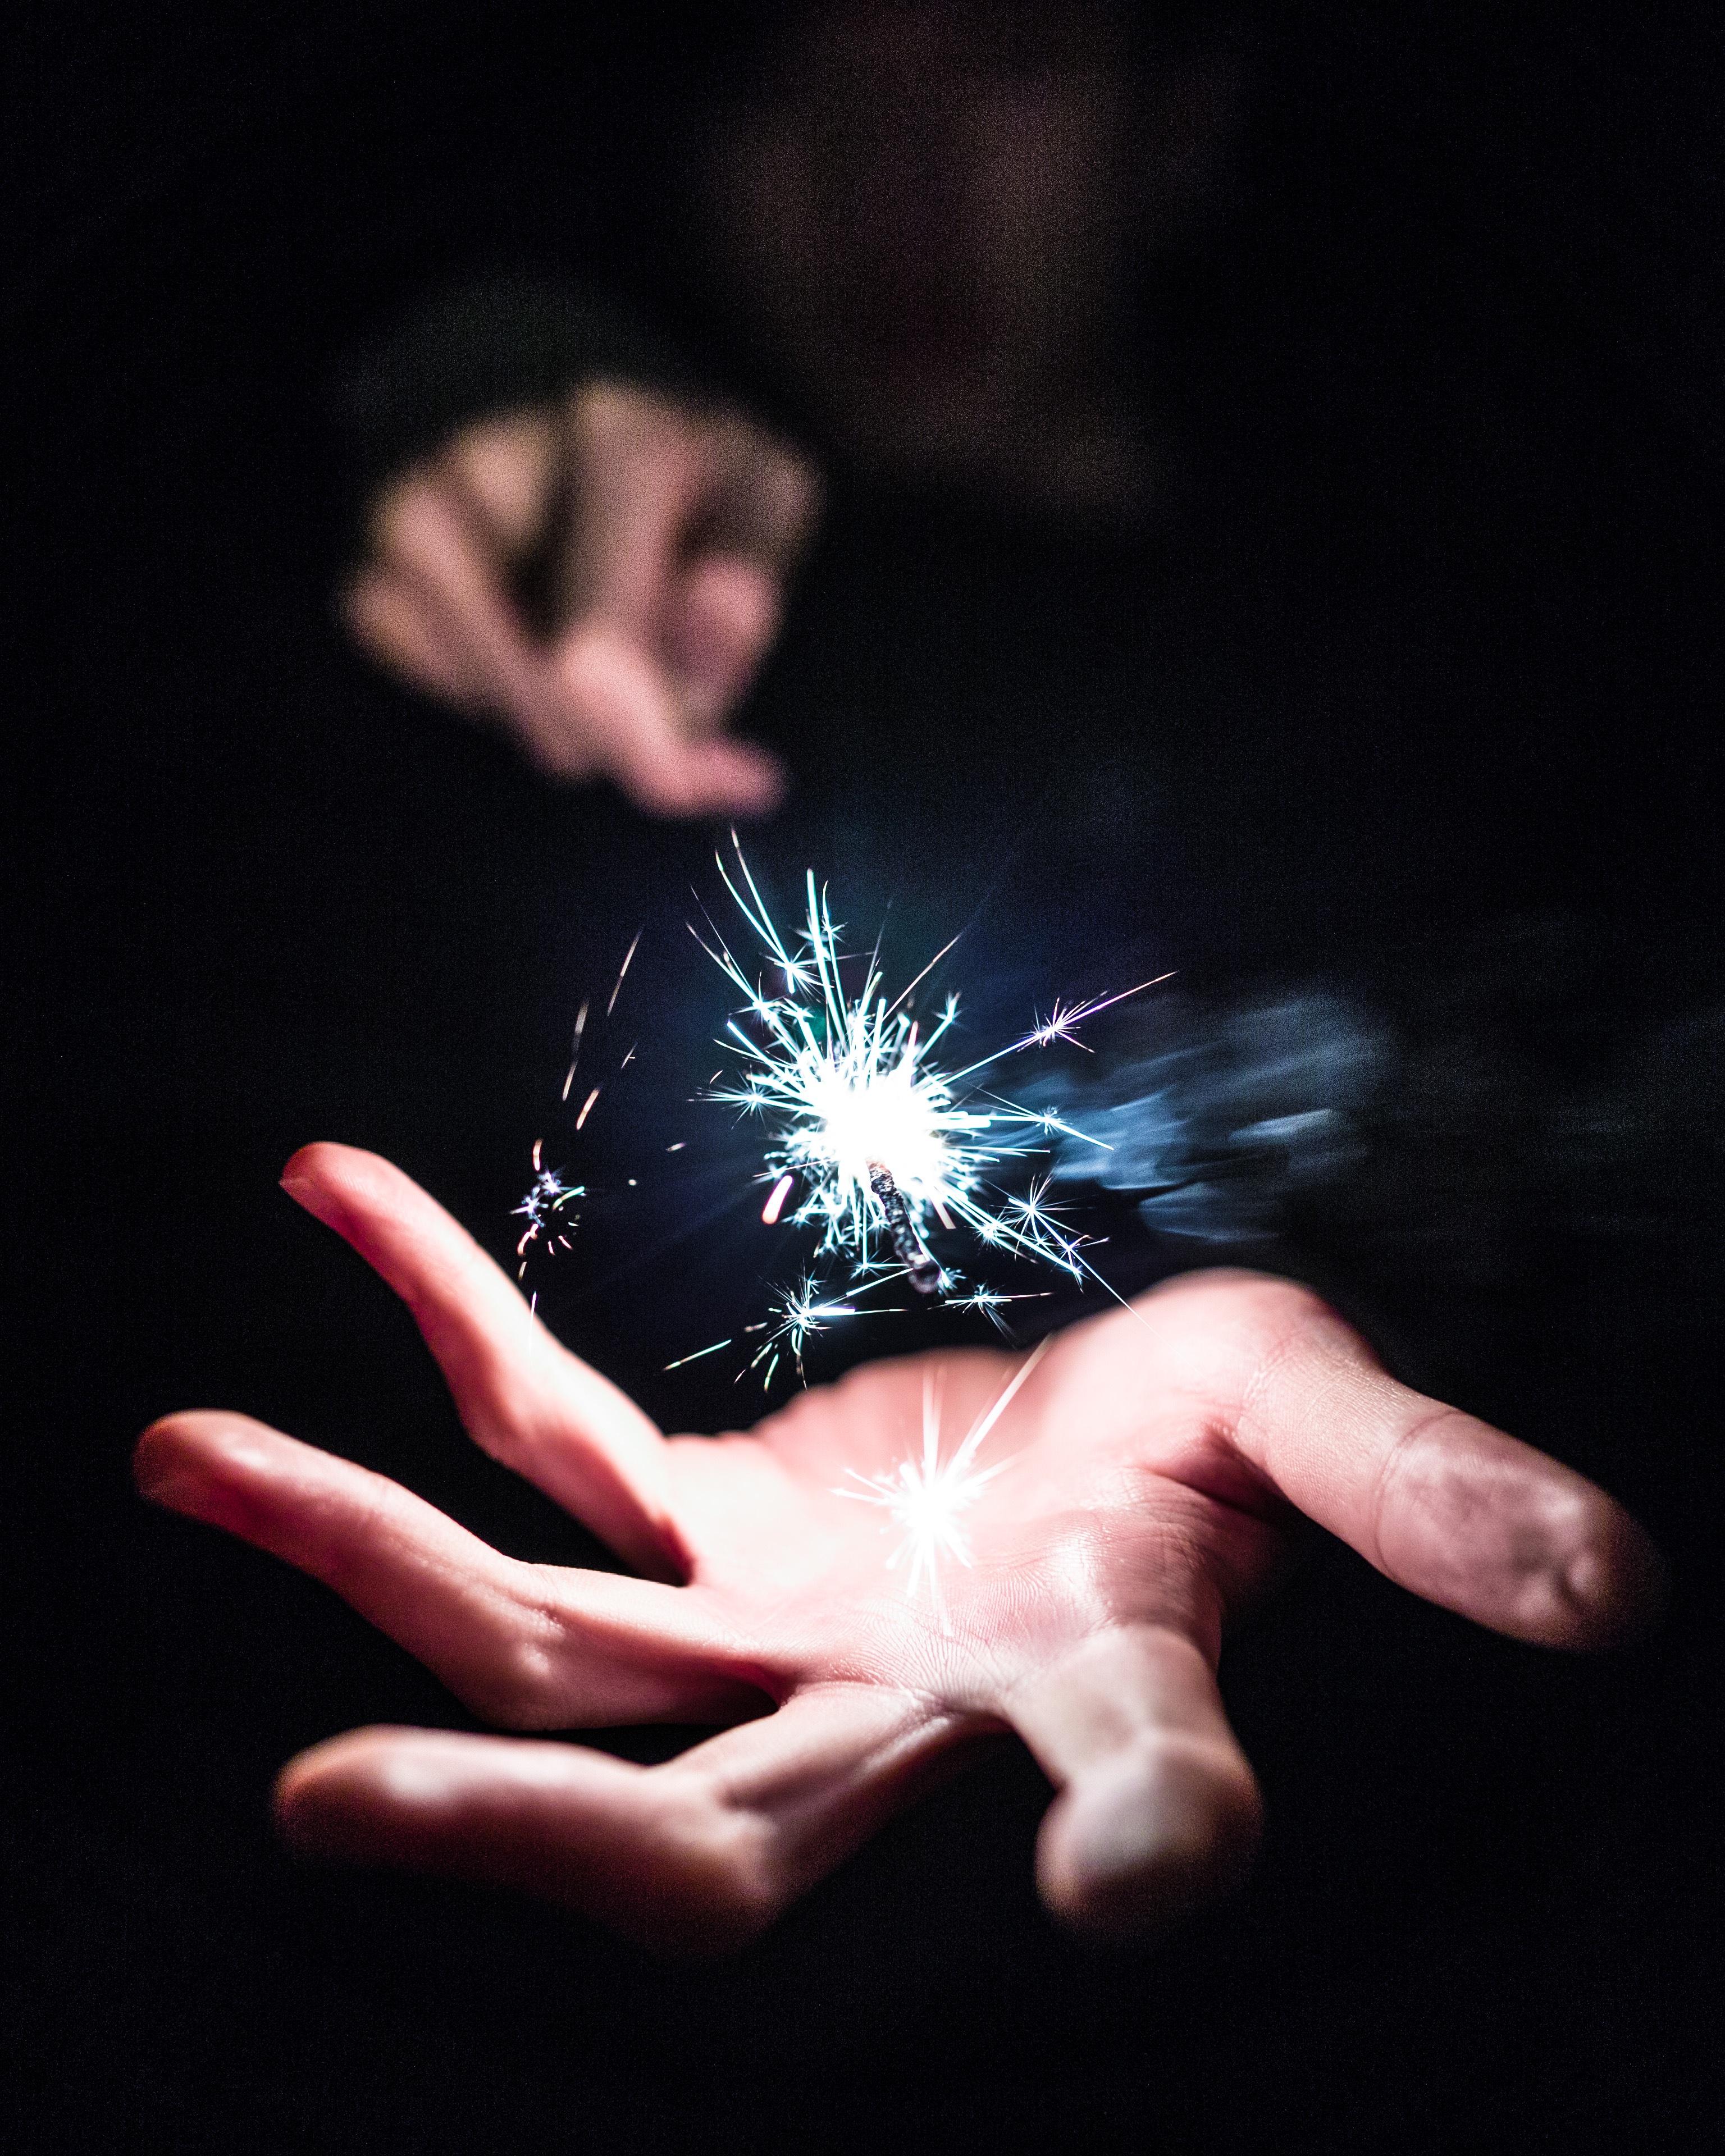 древесина достаточно магические руки картинки может